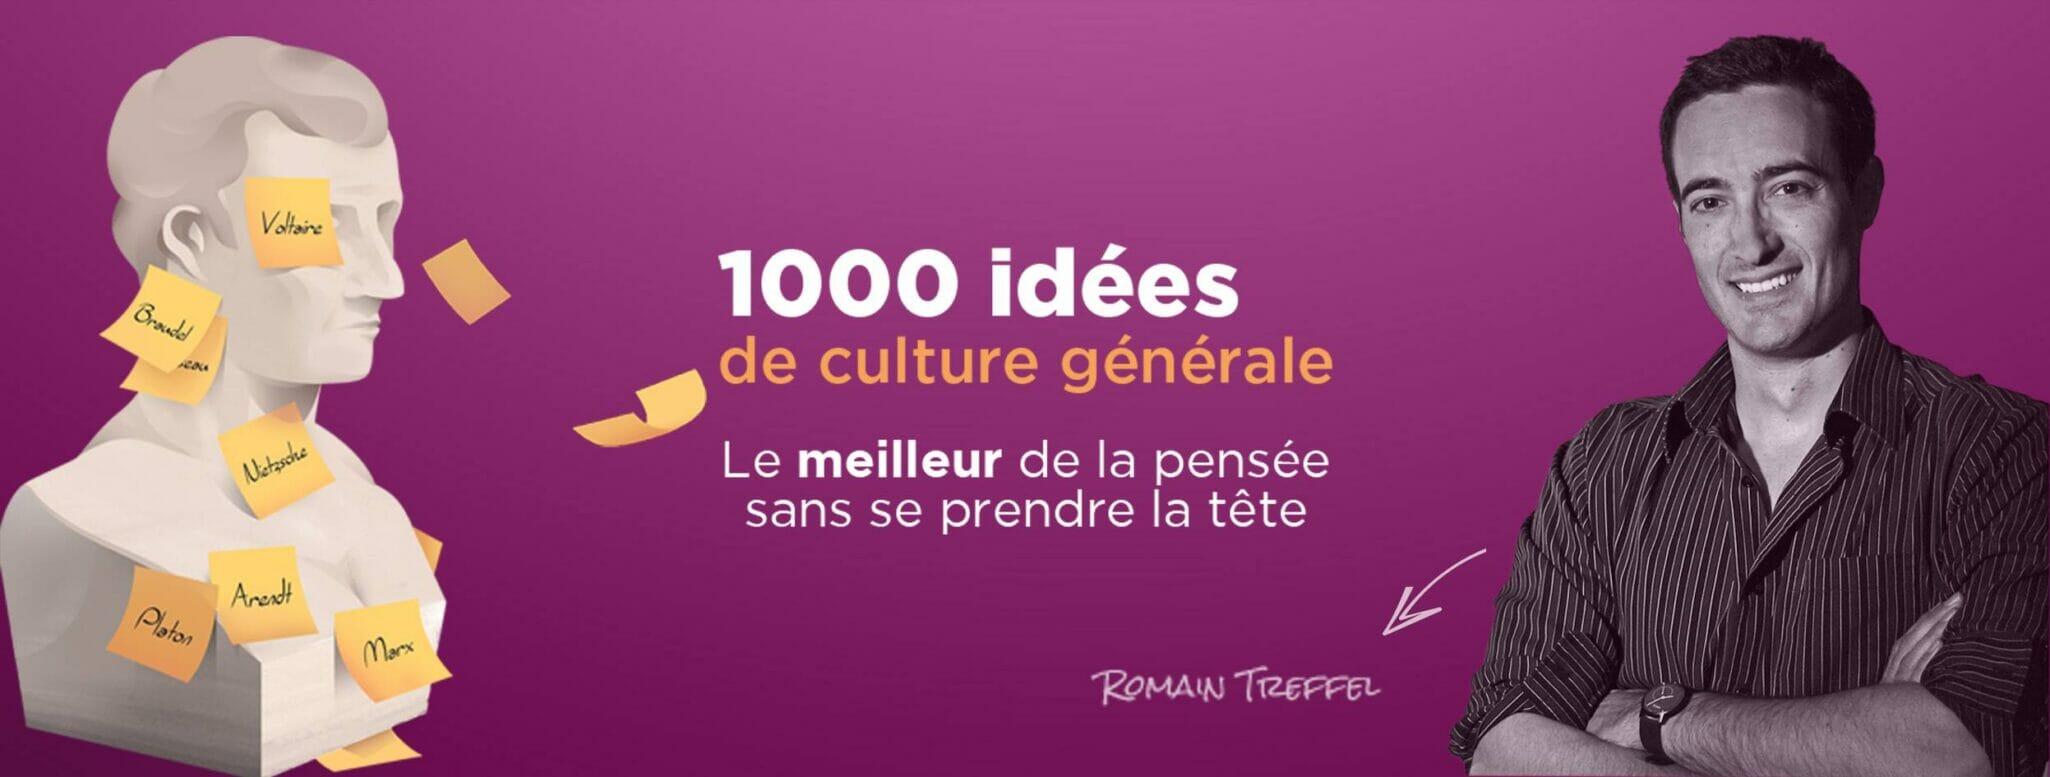 Les Trucs Peu Connus (Parfois Étranges) De Romain Treffel De 1 000 Idées De Cultures Générales